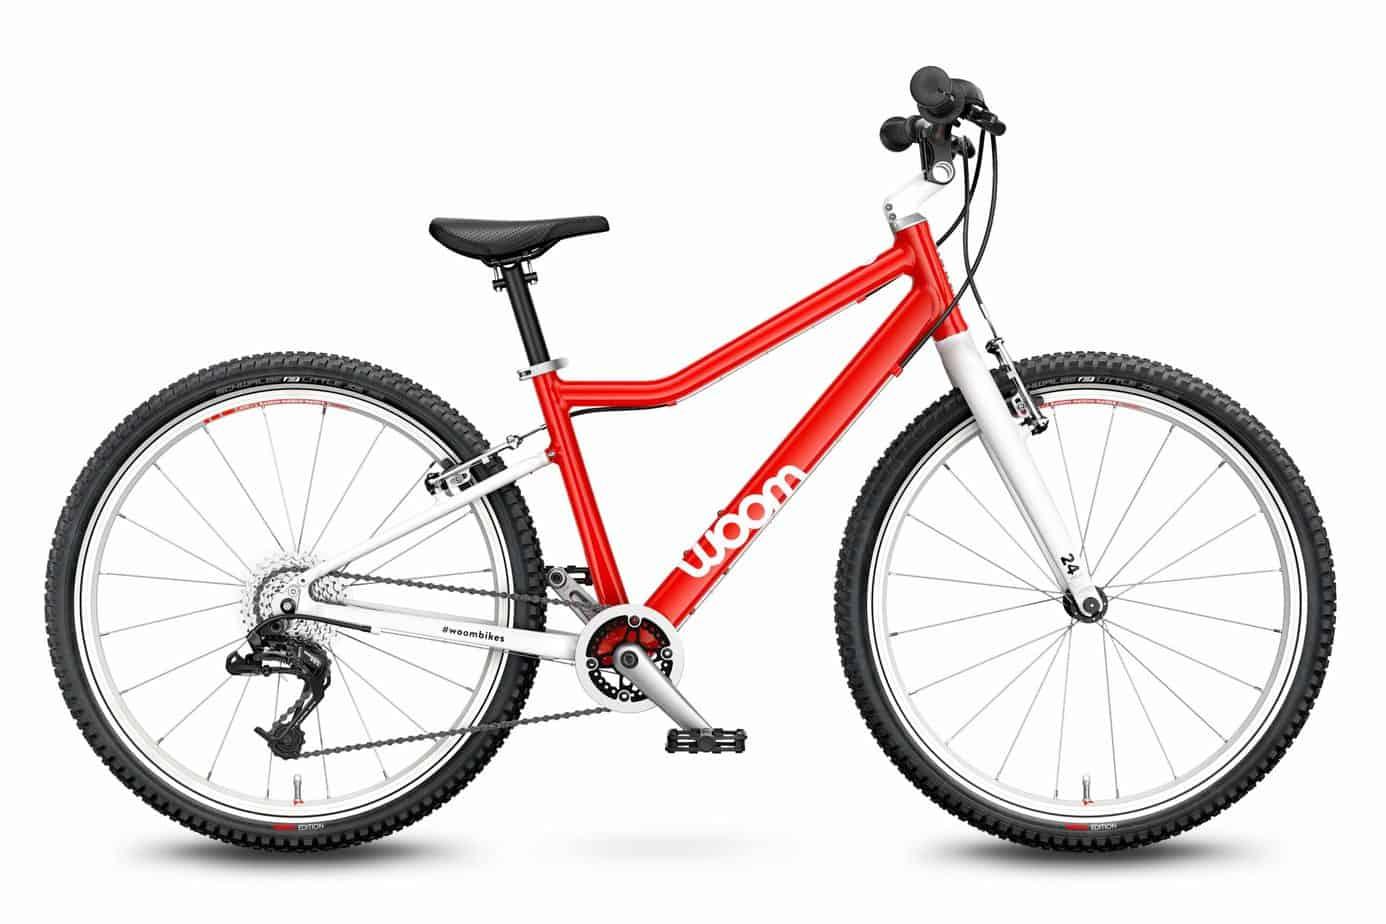 Woom 5 Pedal Bike | Woom